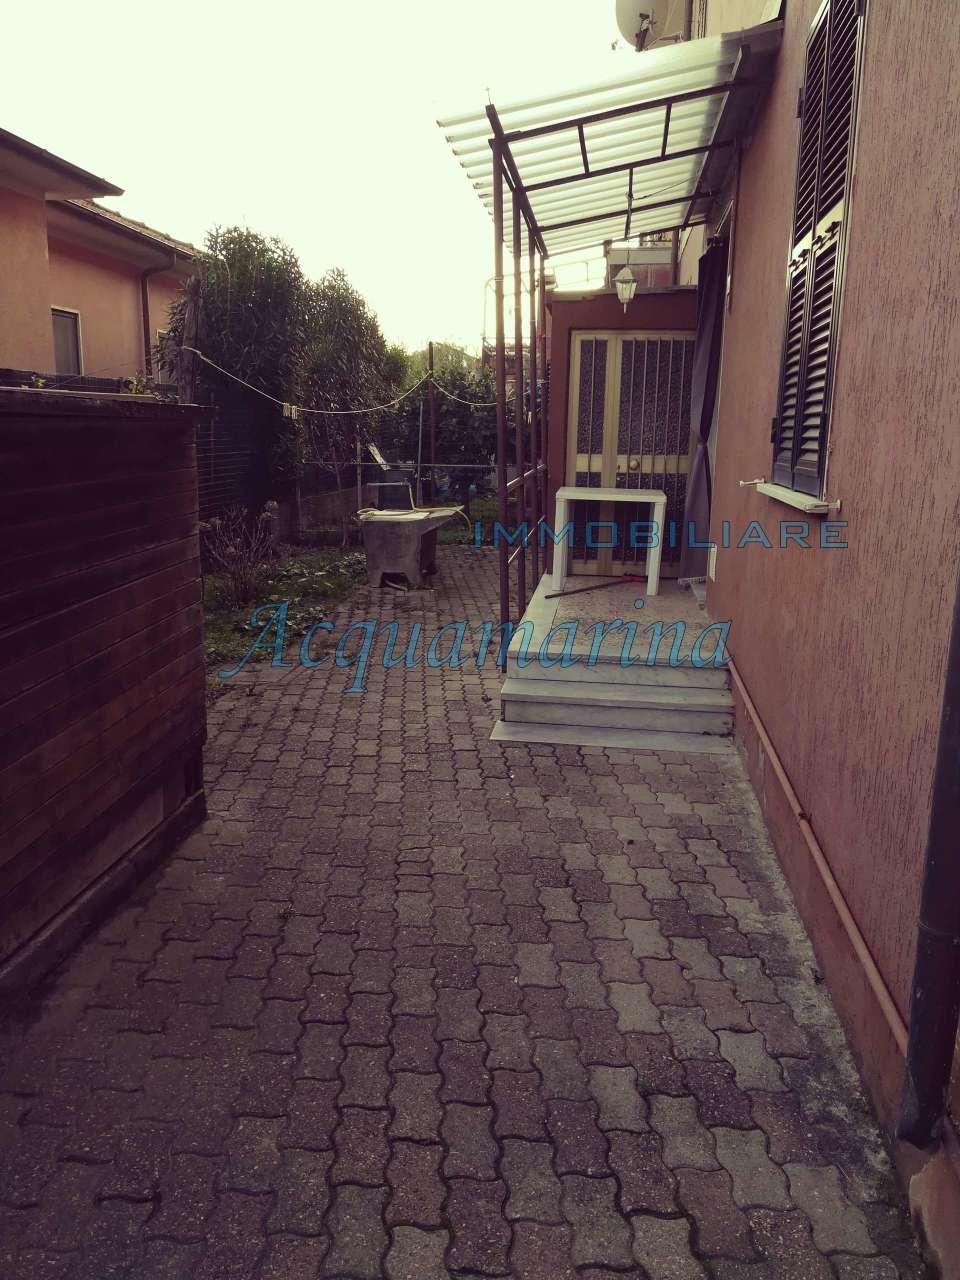 Appartamento in affitto a Ameglia, 3 locali, prezzo € 500 | PortaleAgenzieImmobiliari.it